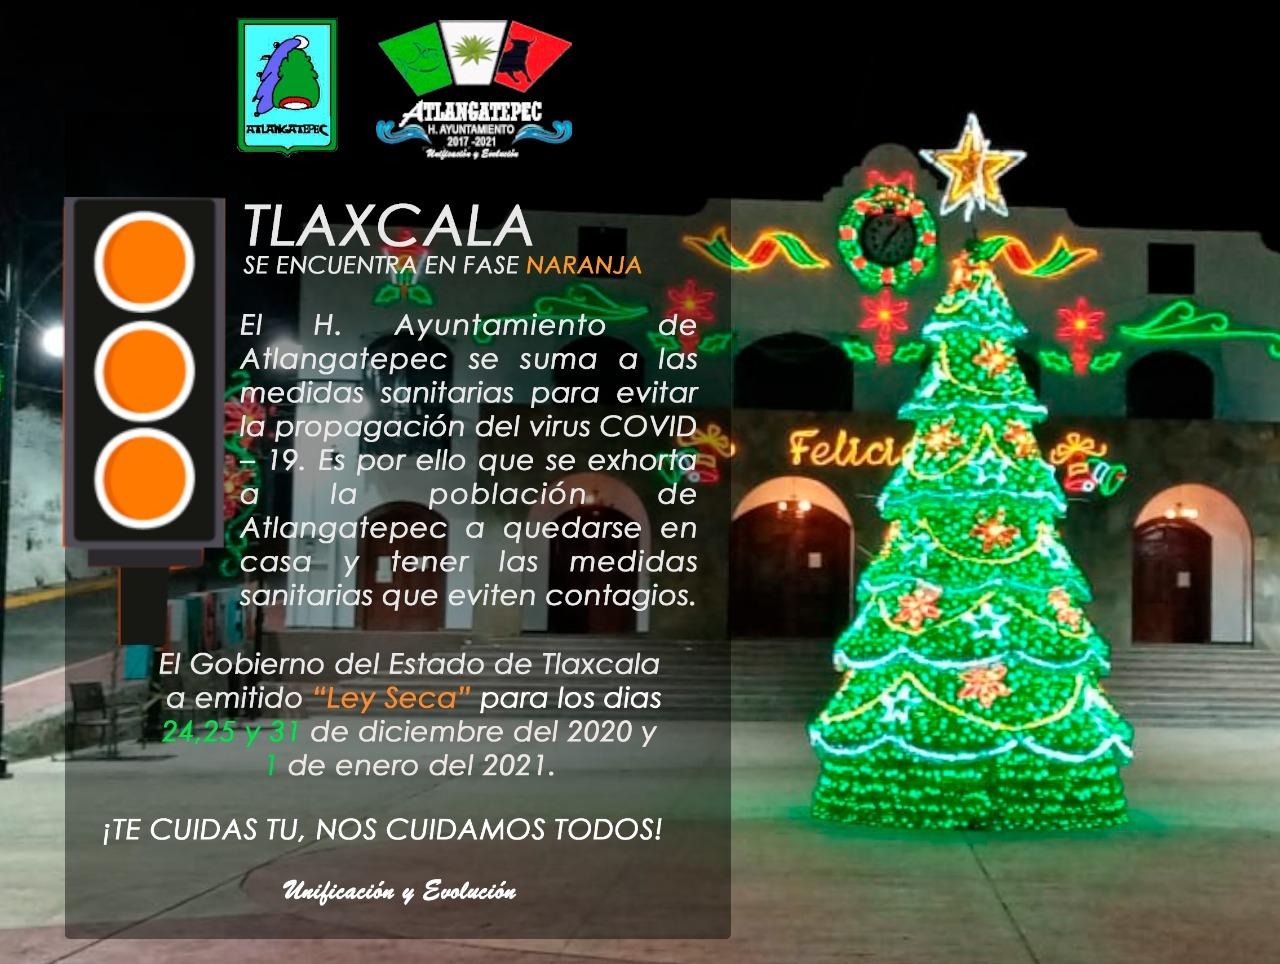 Prevenir el Covid durante las fiestas navideñas, insisten en Atlangatepec